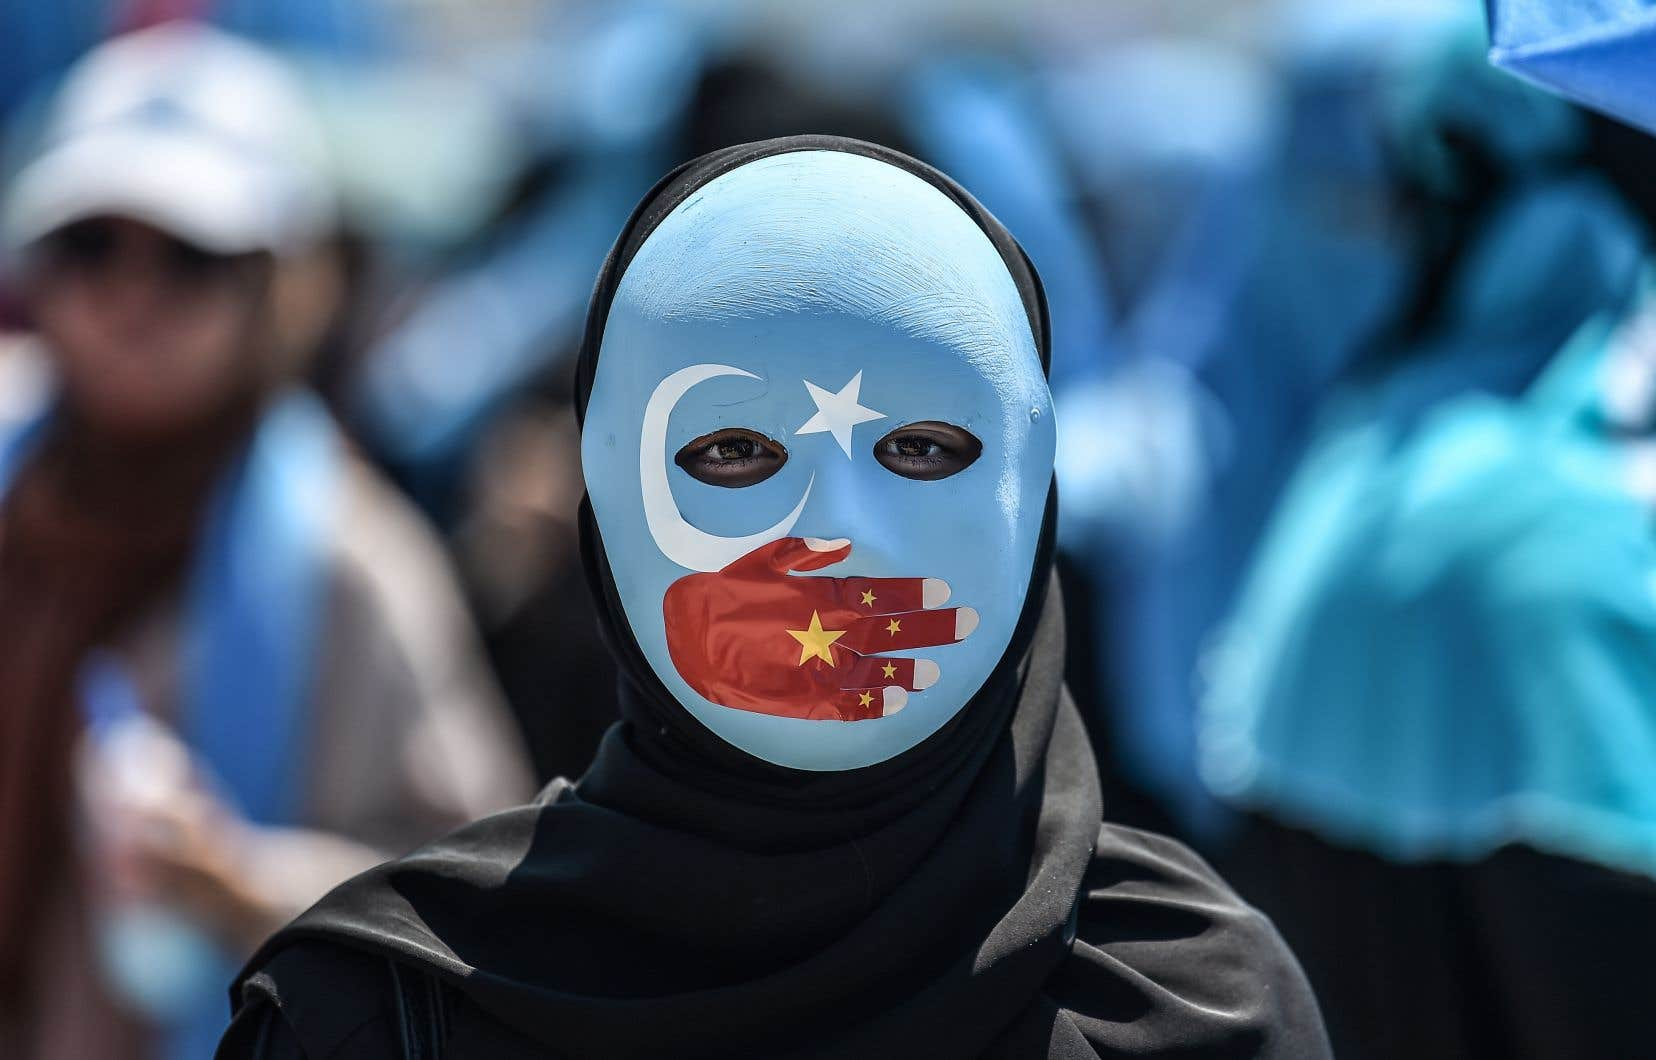 Une femme dénonce le sort réservé aux mulsulmans dans le Xinjiang lors d'une manifestation à Istanbul, en Turquie, qui compte une importante communauté ouïghoure.